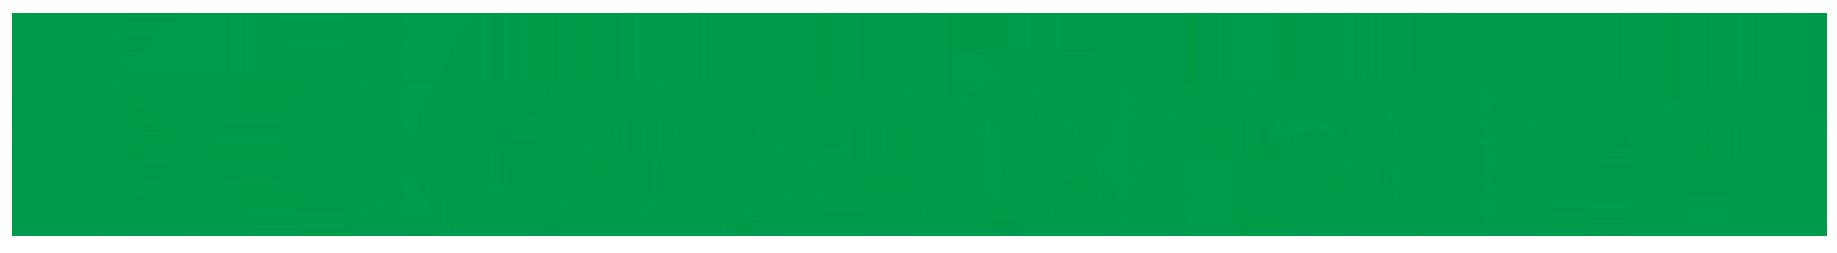 Kontram logo